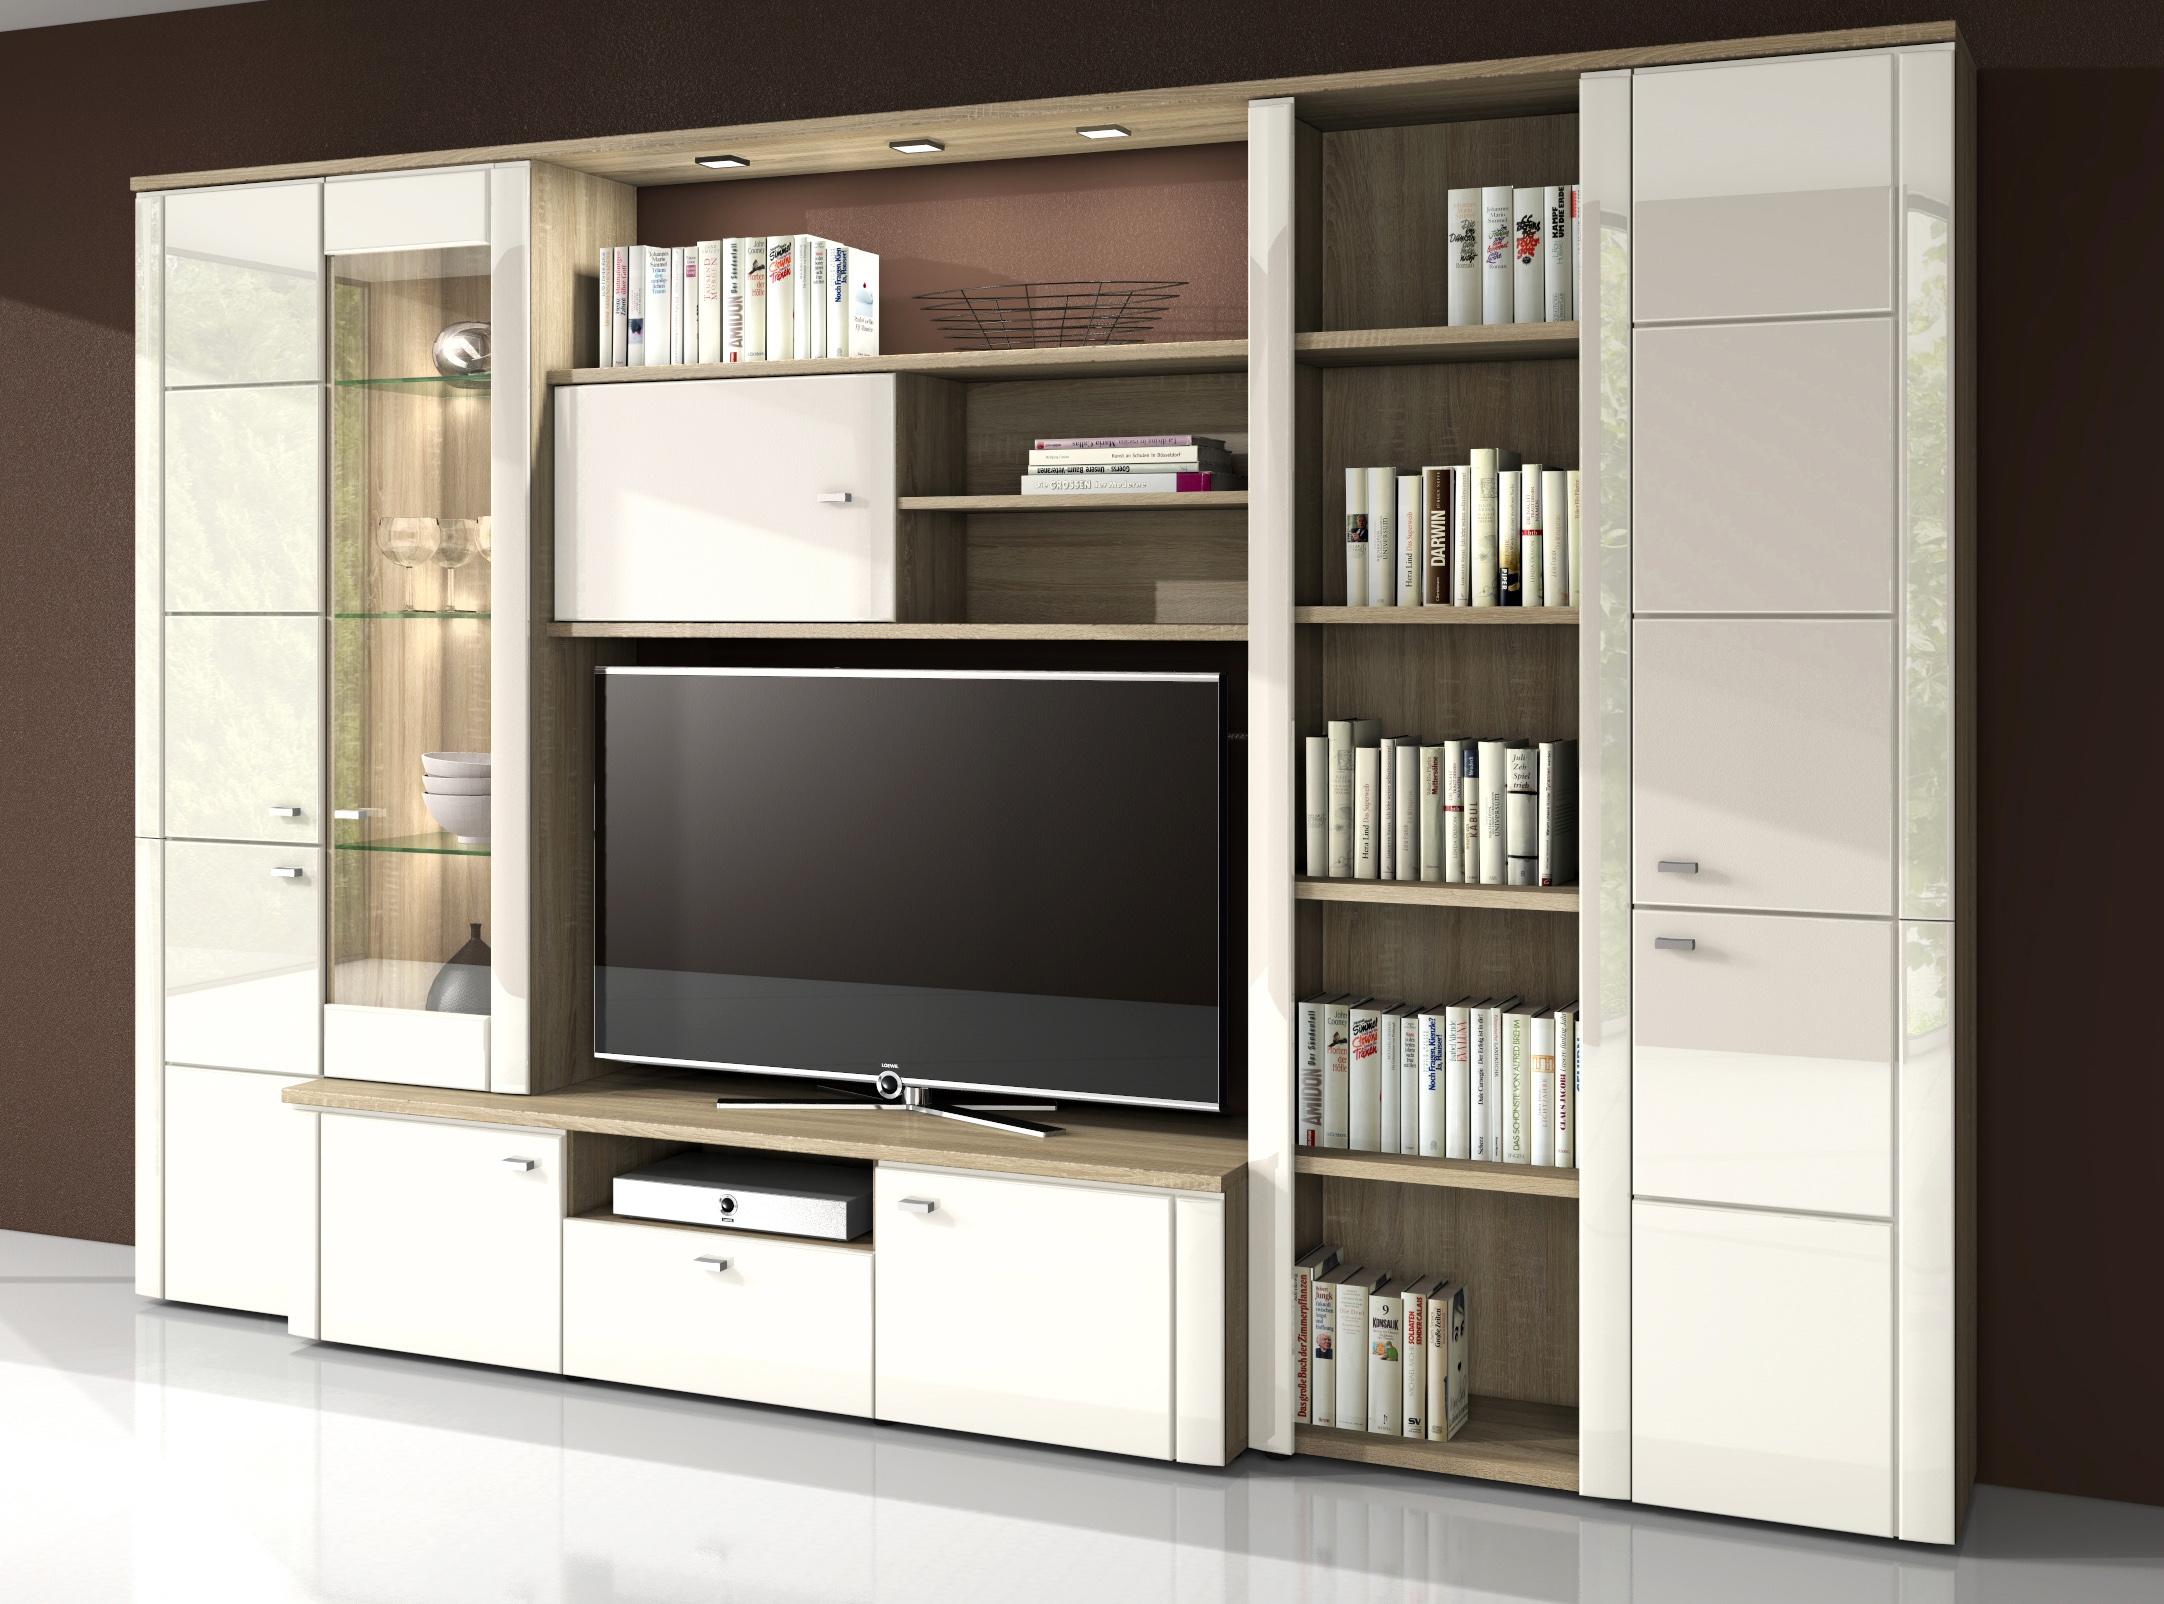 sam wohnwand mit led 315 cm aus sonoma eiche wei tower. Black Bedroom Furniture Sets. Home Design Ideas